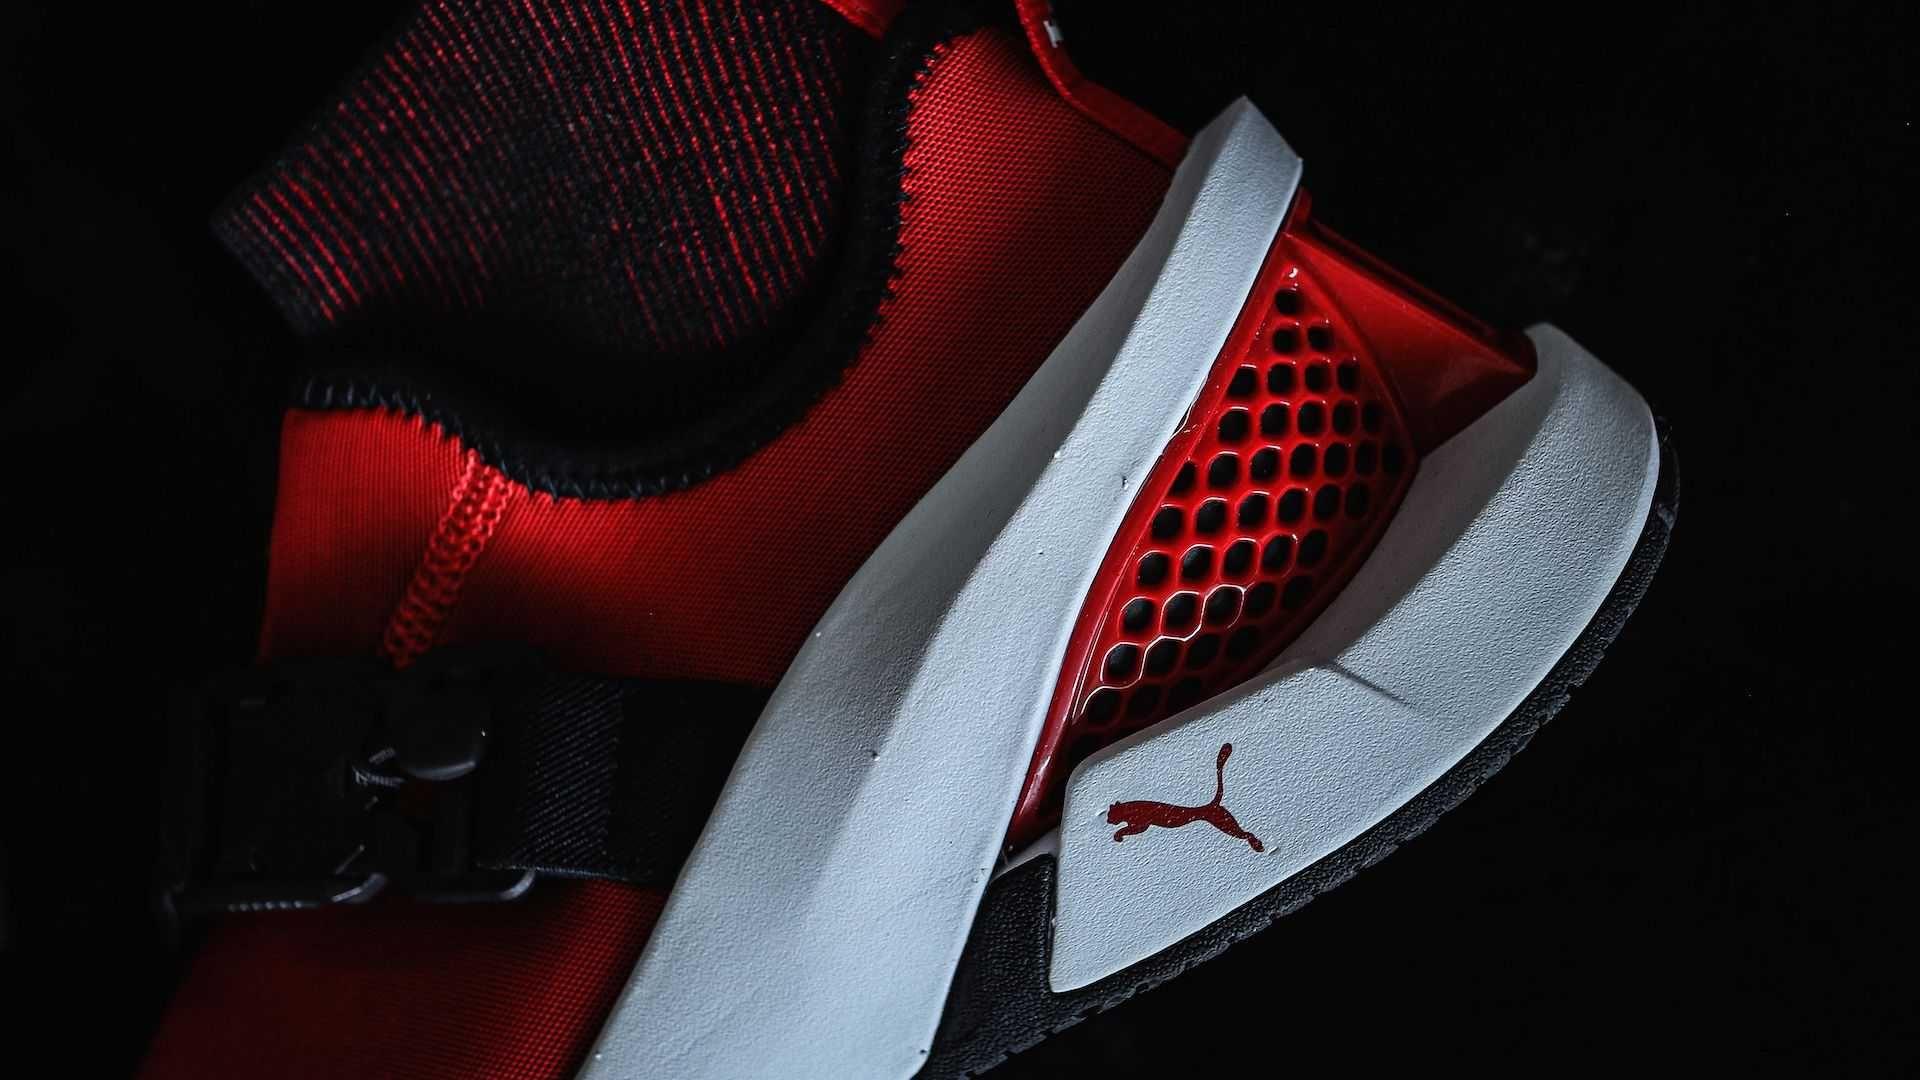 Puma-x-Ferrari-ION-F-Sneakers-6